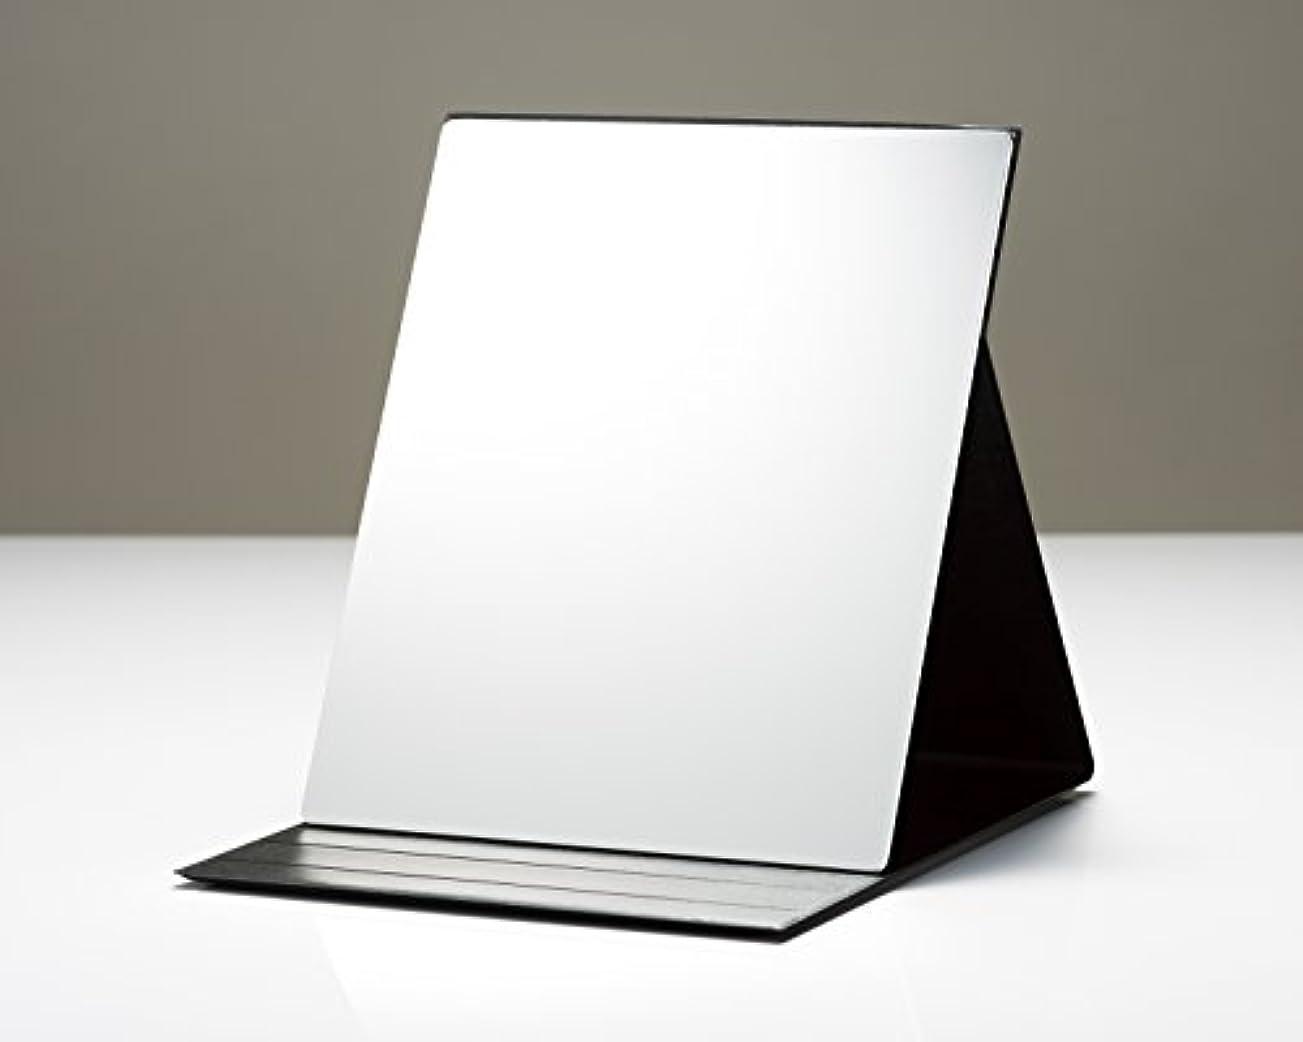 収容する再編成する発行割れないミラー いきいきミラー折立(3L)